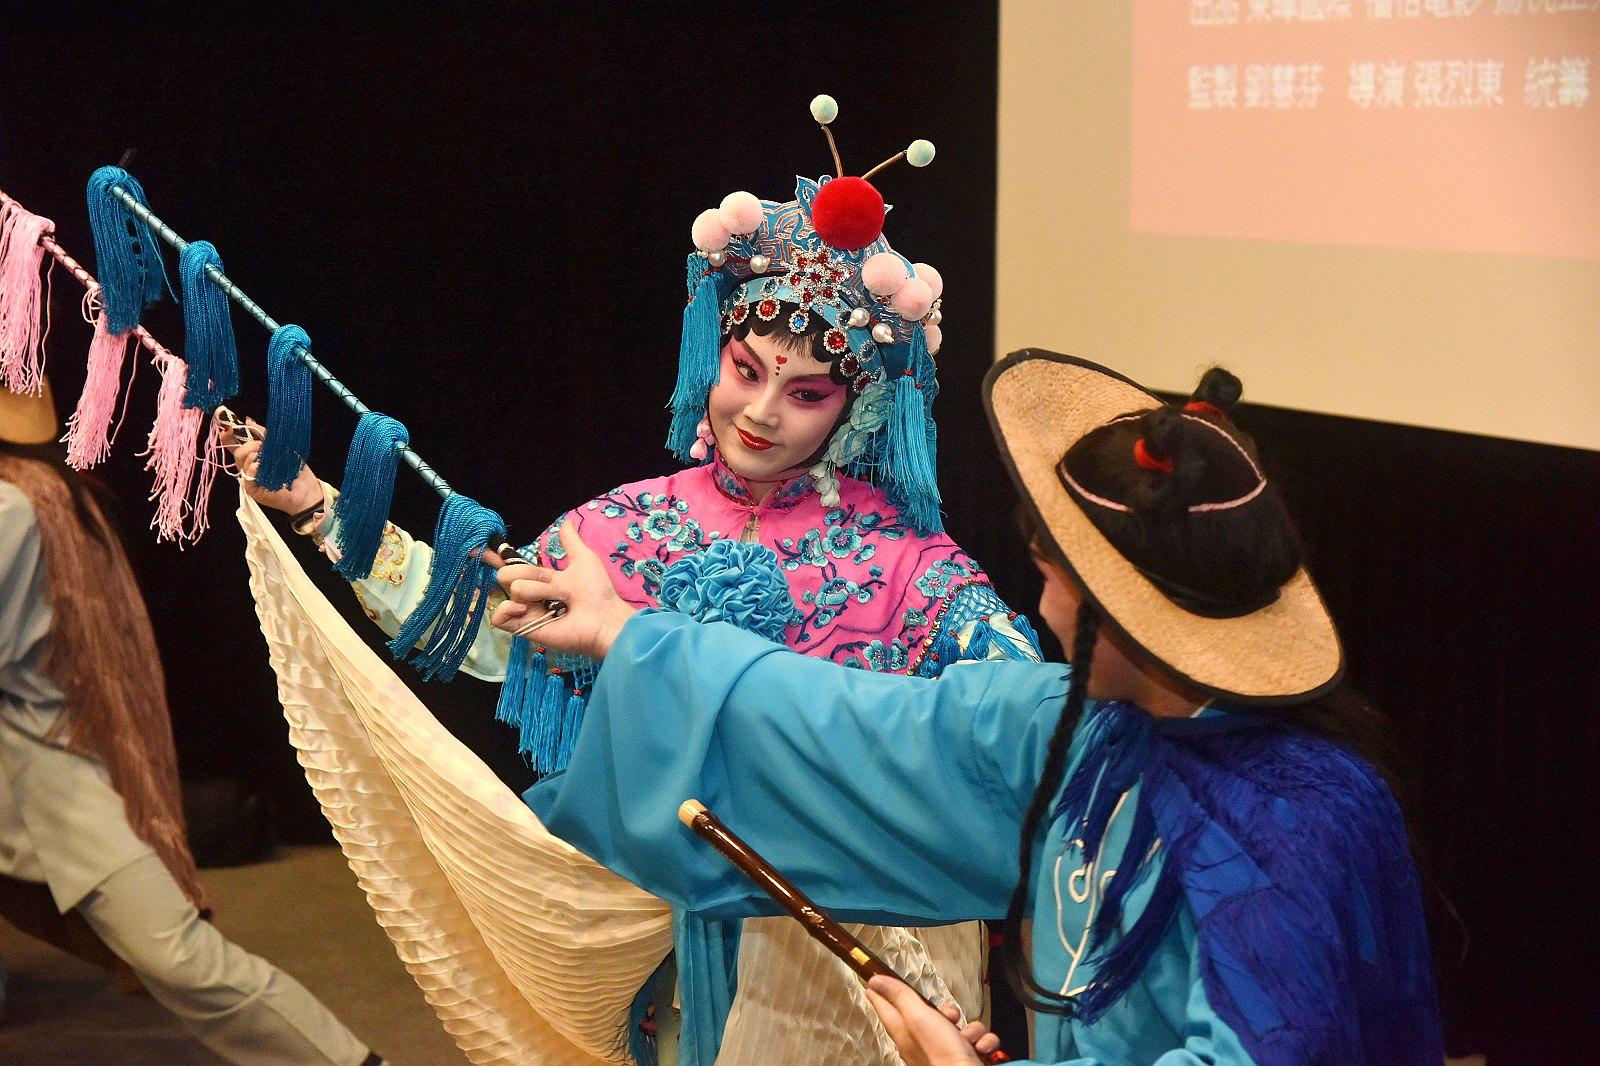 在戲曲大師的努力之下,紀錄片呈現臺灣京劇的精采故事,讓年輕世代了解京劇歷史的可貴,傳揚藝術文化。